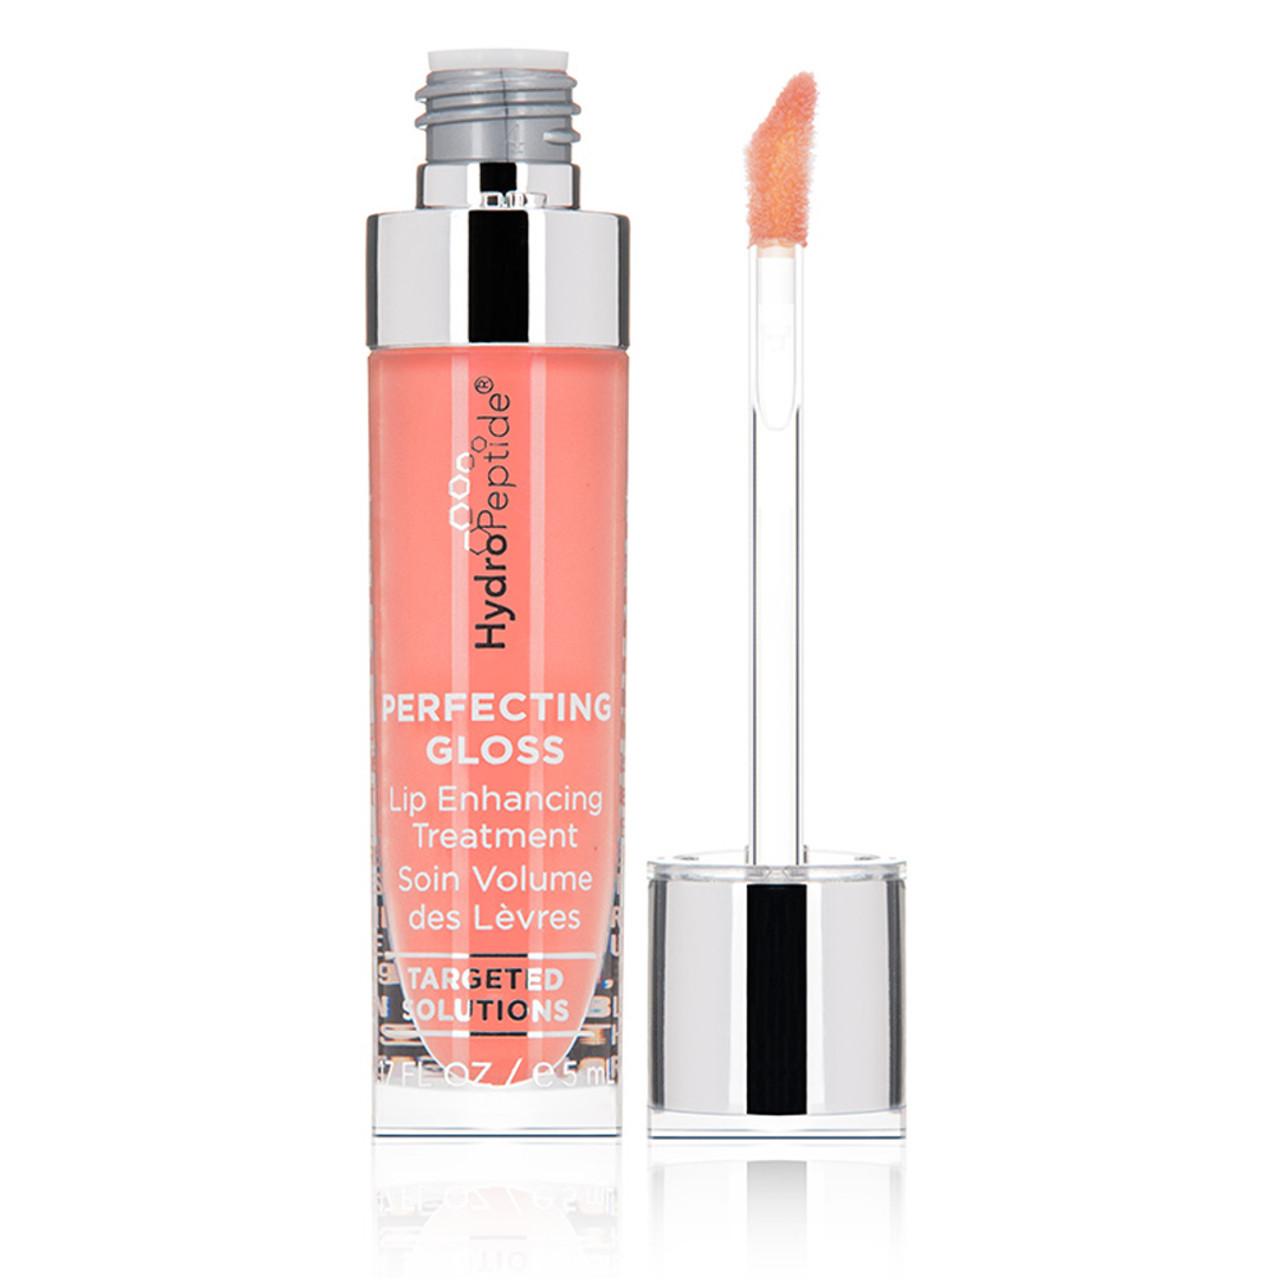 HydroPeptide Perfecting Gloss - Beach Blush